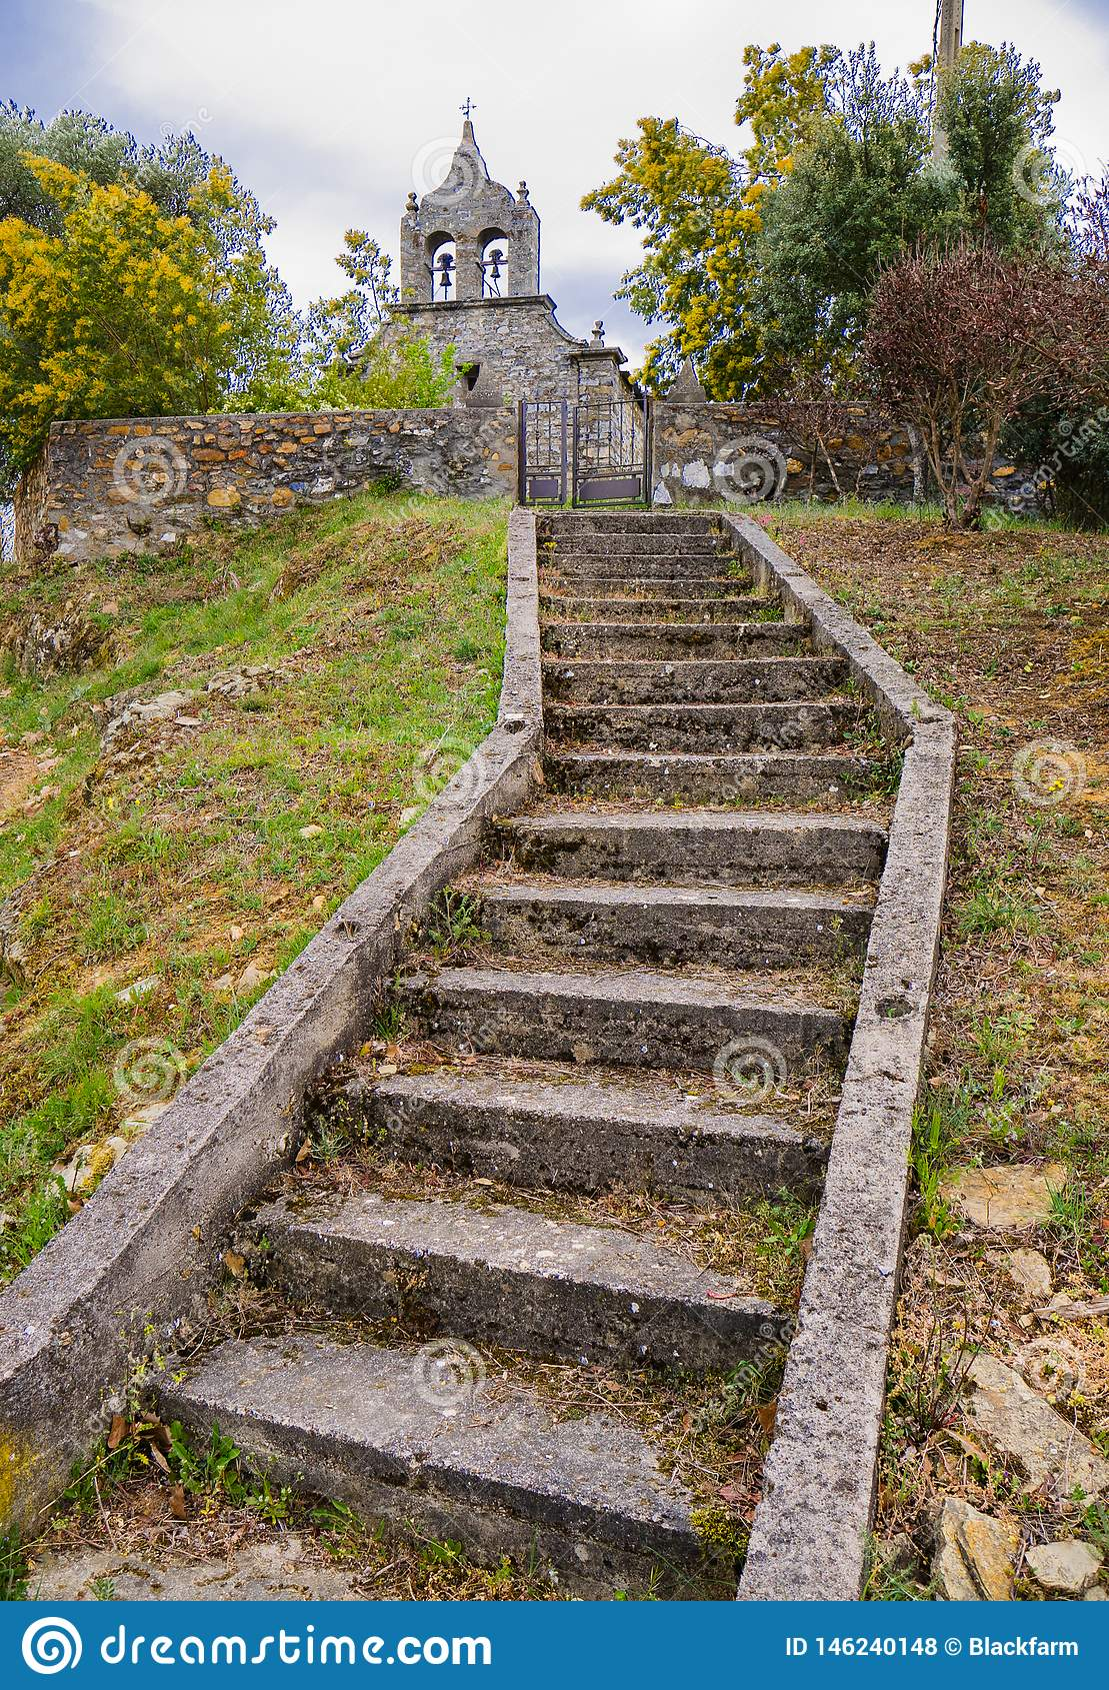 Escaleras de piedra que llevan a una iglesia vieja